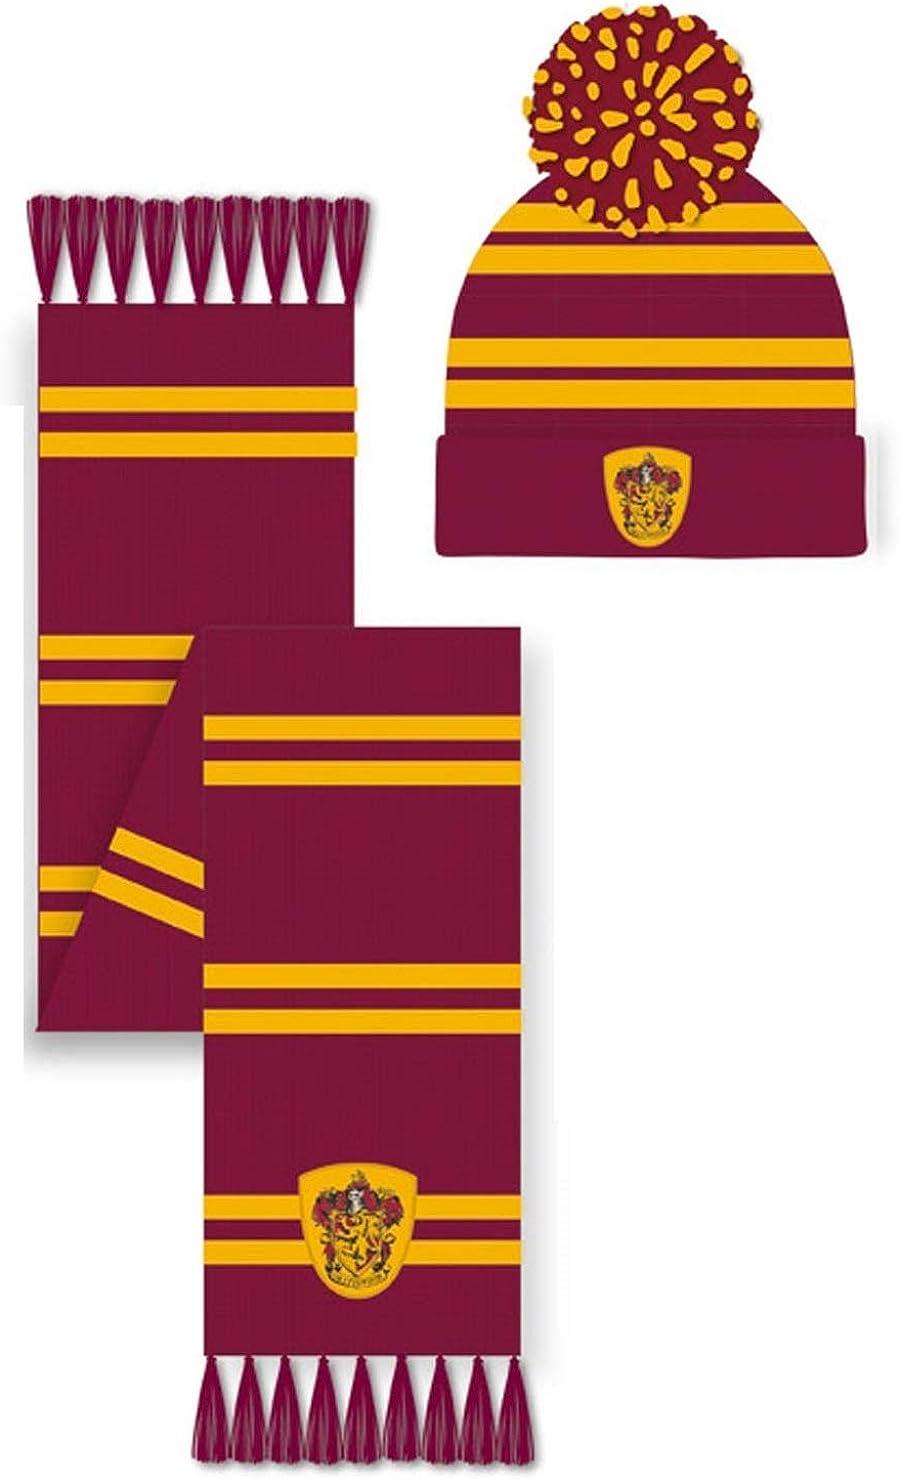 Einheitsgr/ö/ße Harry Potter Unisex Gryffindor Hat /& Scarf Winter-Zubeh/ör-Set rot